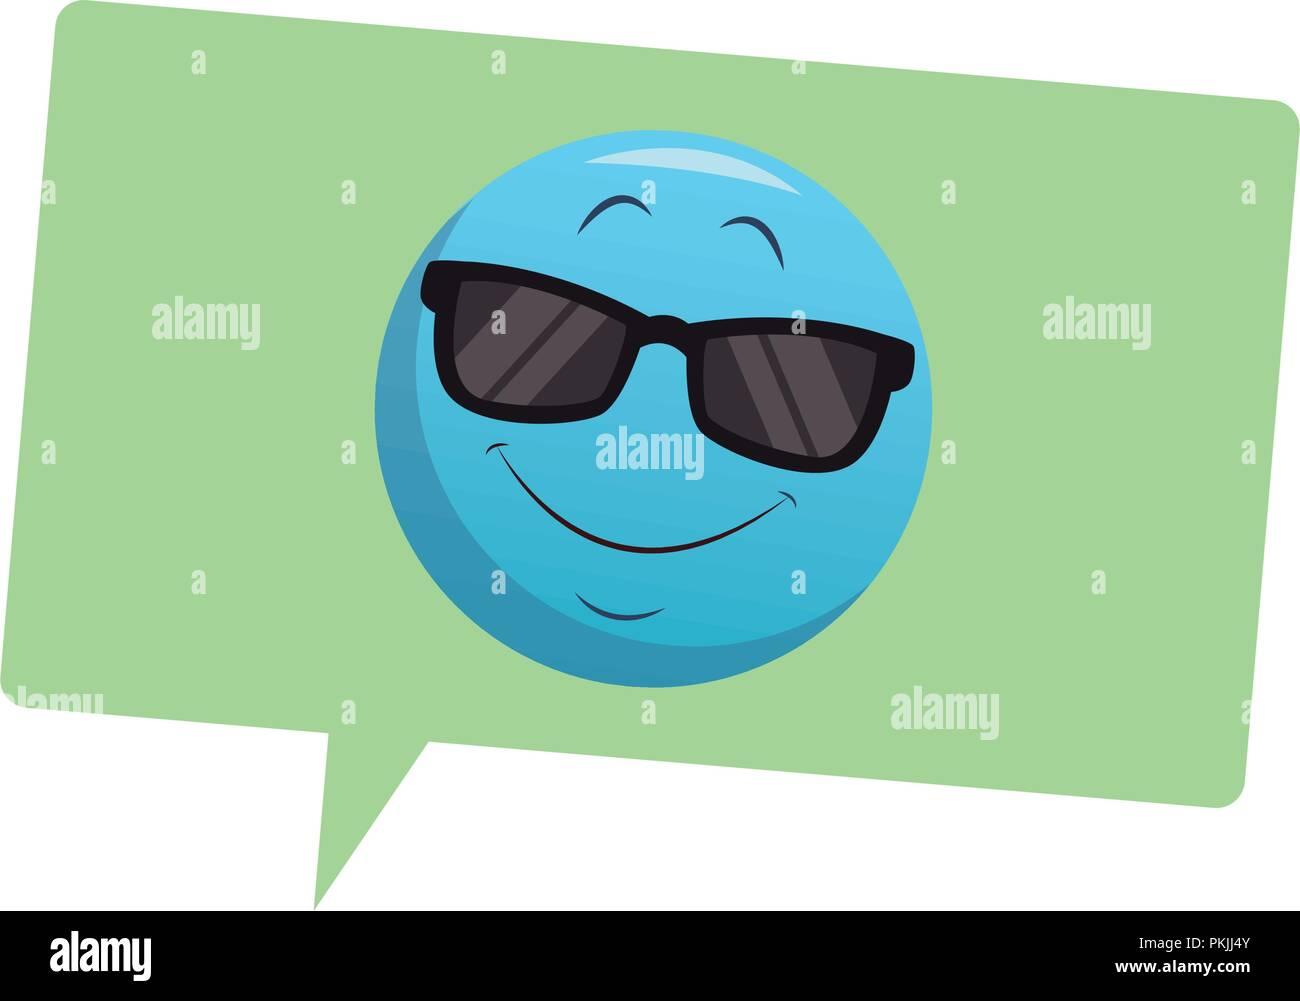 Emoji Face Cartoon Smiley Emoticon Imágenes De Stockamp; rQdCBoxeW